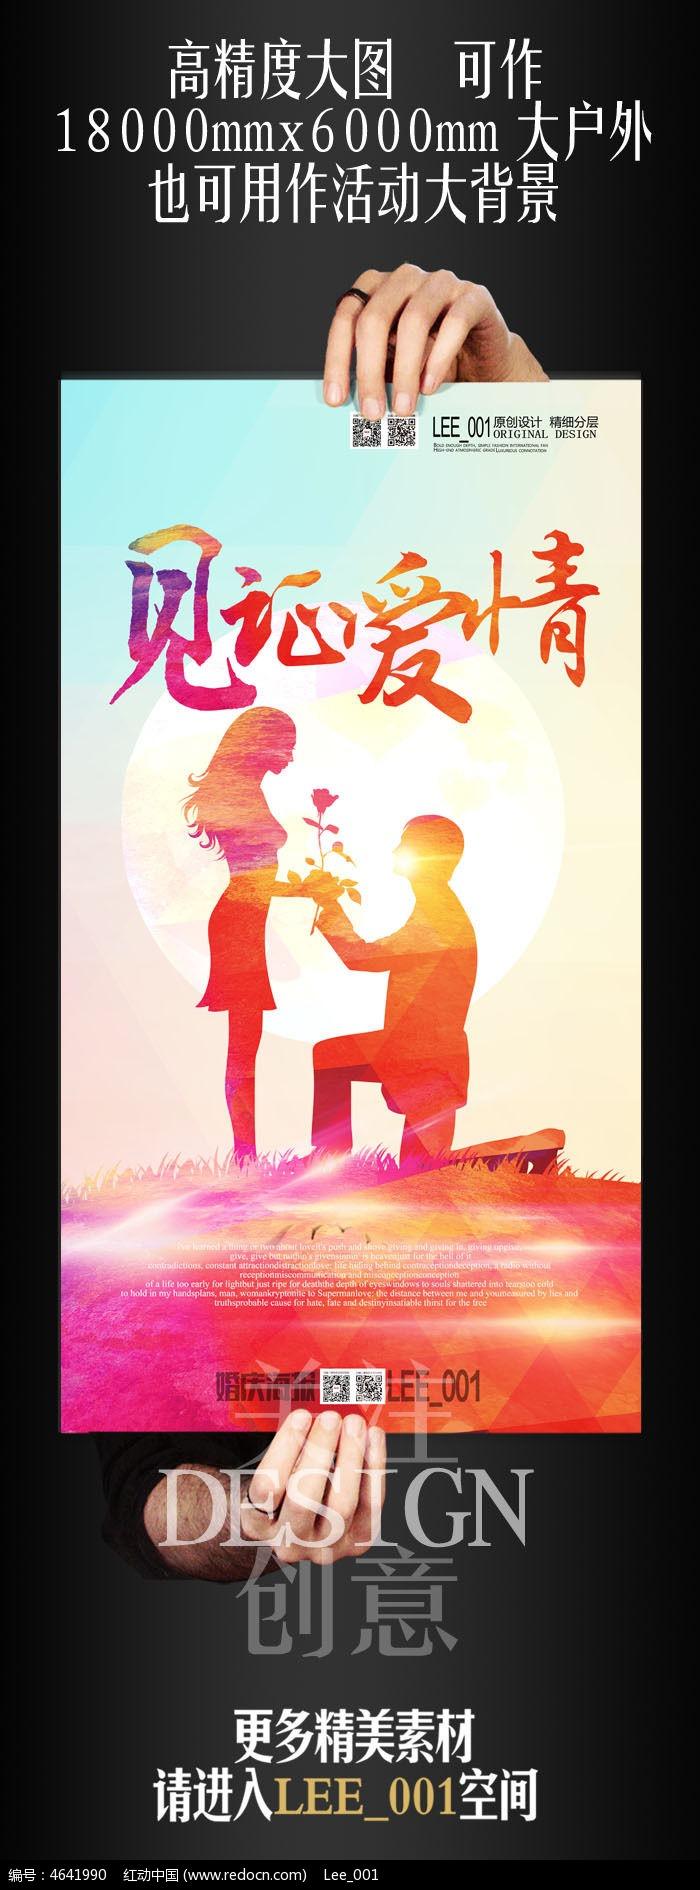 软件见证求婚海报设计mac上网页设计ui爱情图片